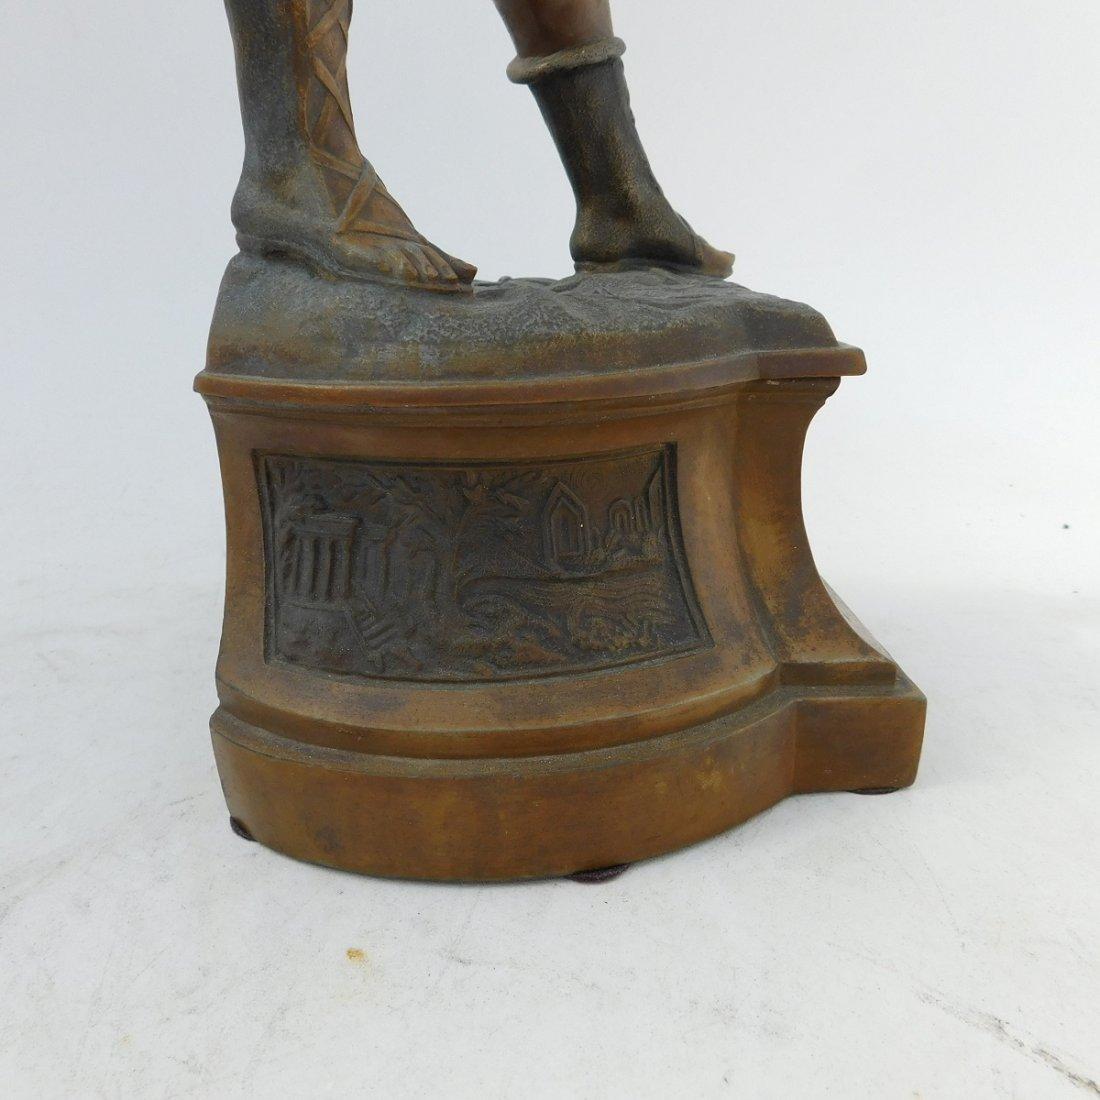 Patinated Metal Sculpture of a Man - 7